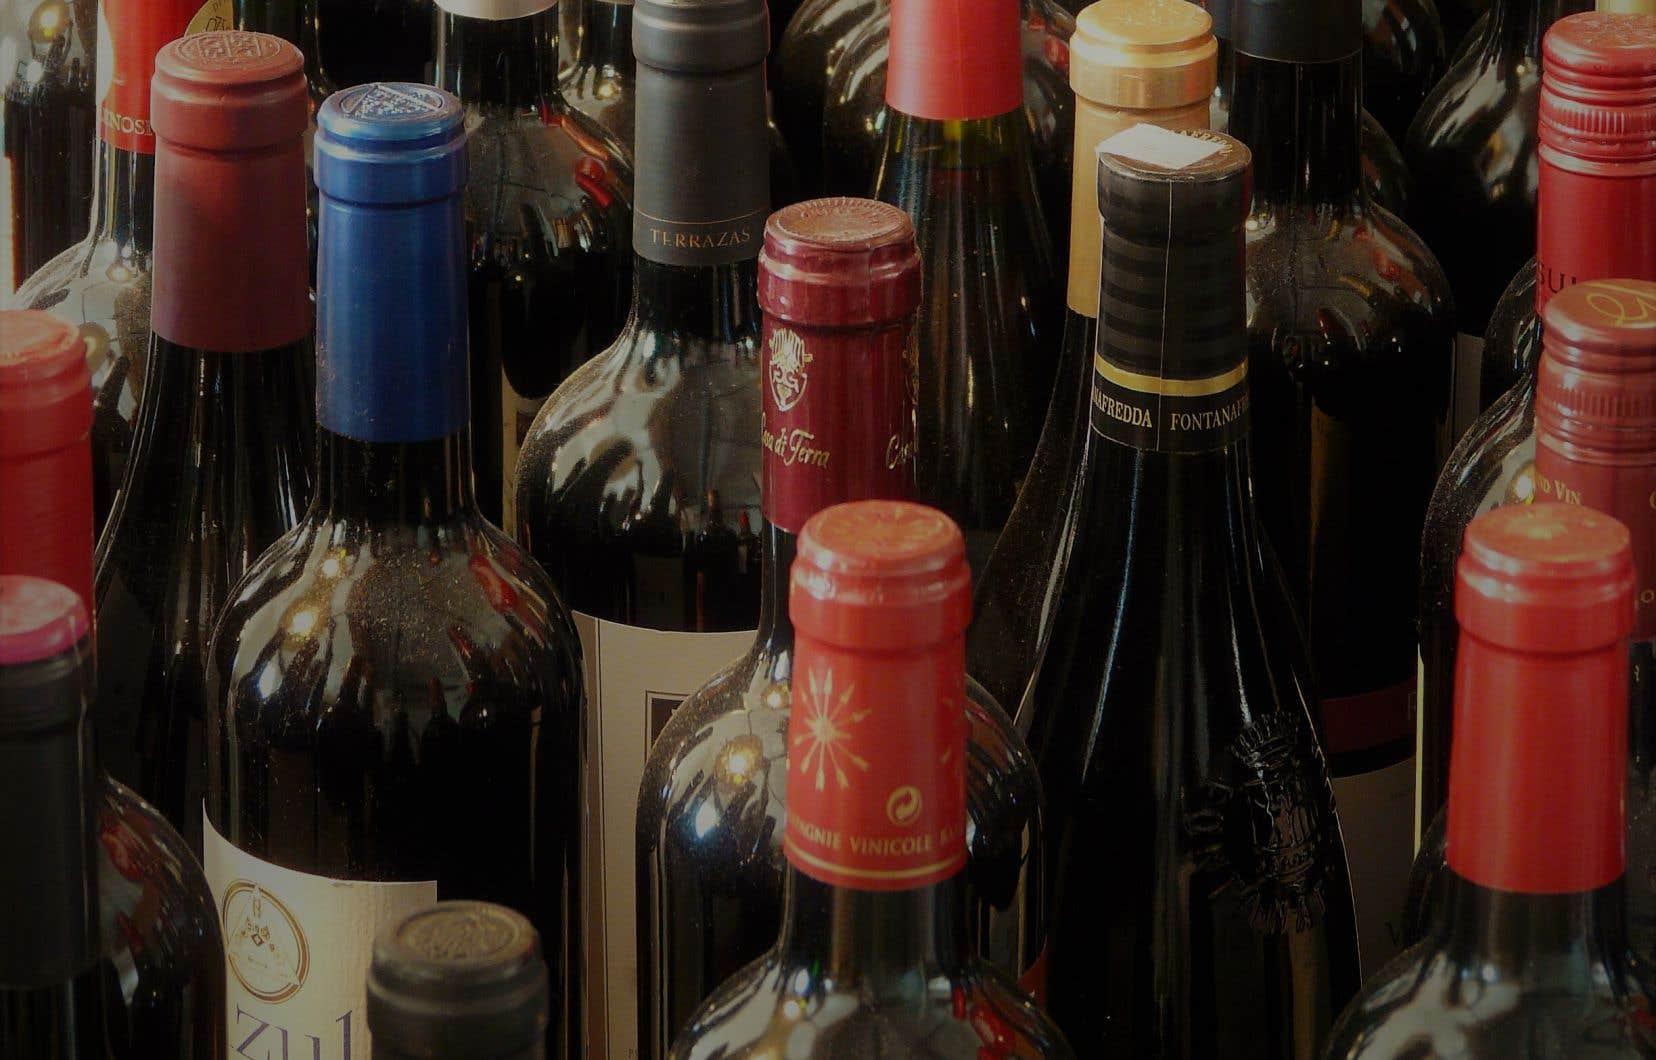 Idéalement, le verre devrait être préalablement rincé, dépouillé de sa collerette de plastique ou de plomb.